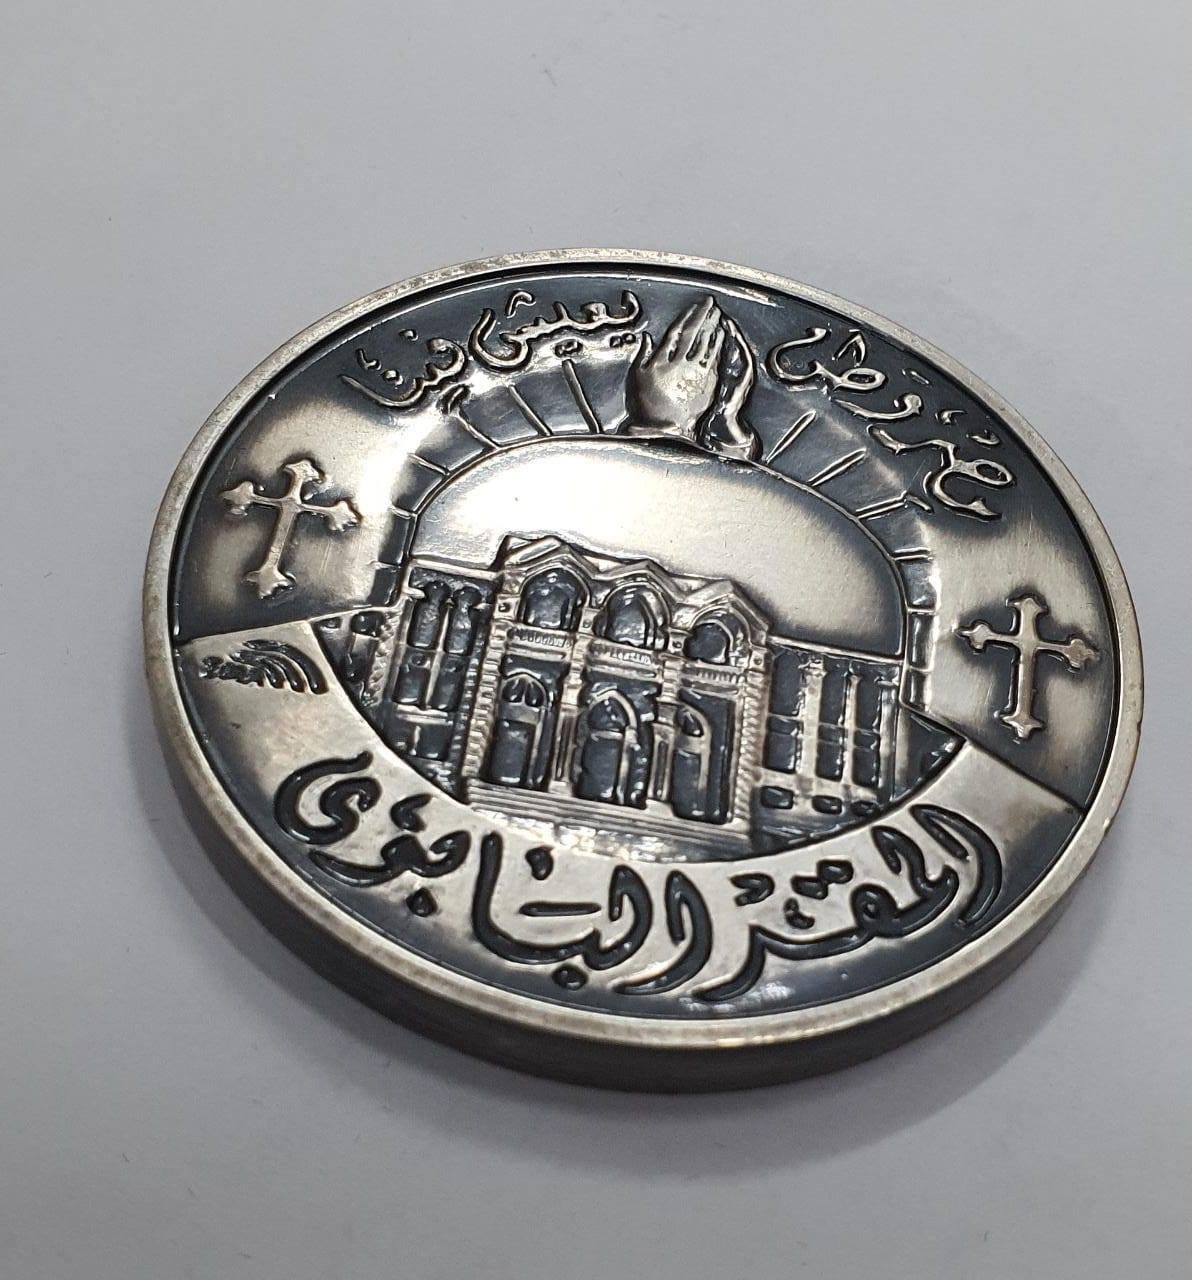 المقر البابوى على وجه إحدى الميداليات التذكارية